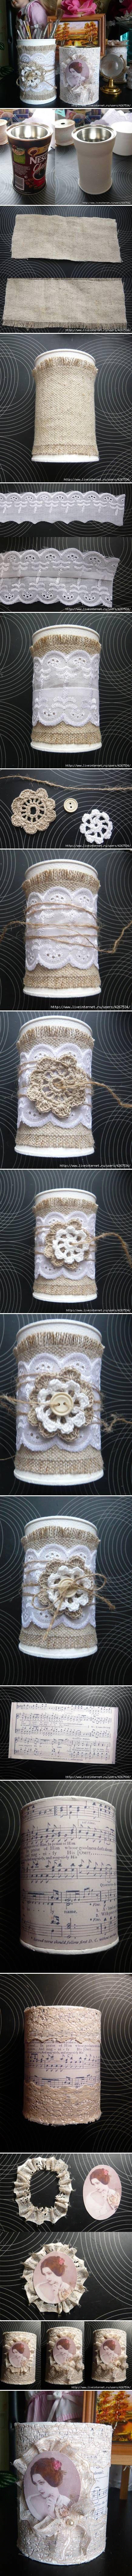 DIY Nice Decorated Jars LIKE Us on Facebook ==> https://www.facebook.com/UsefulDiy